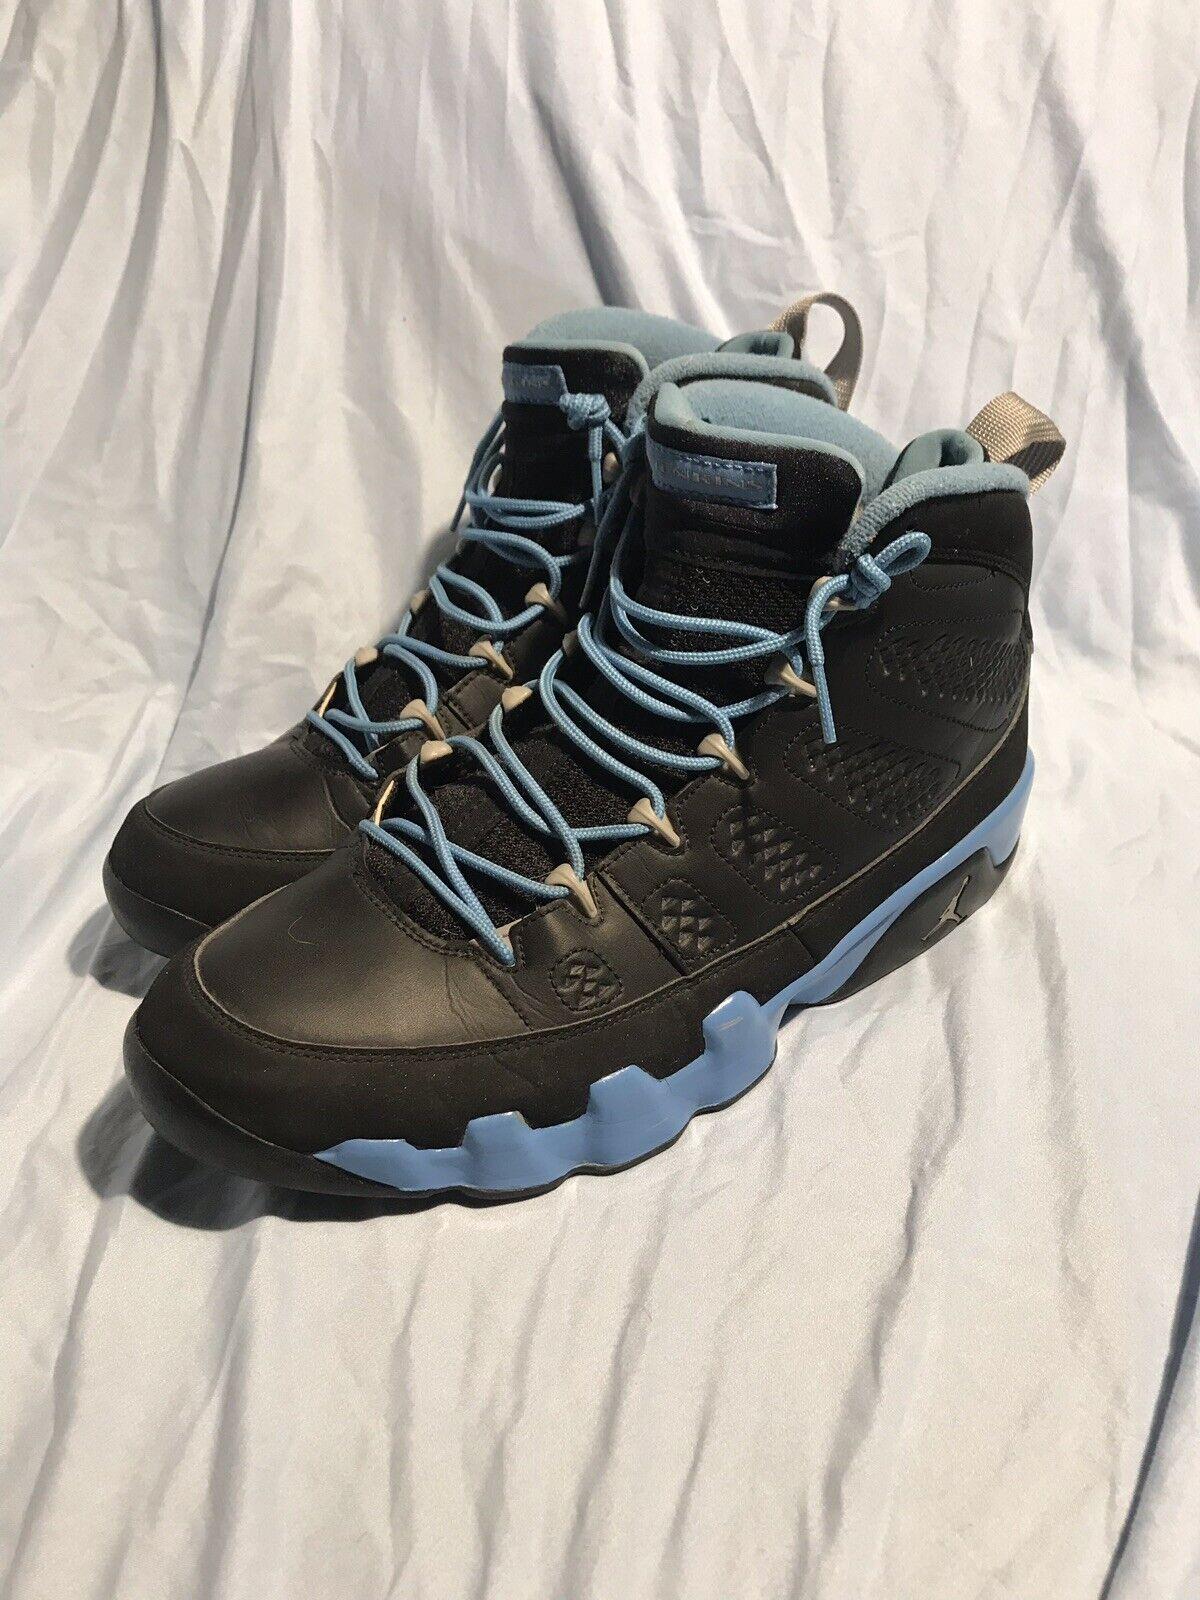 a9e1d382b6263c 2012 Nike Air Jordan 9 IX Retro Slim Jenkins Size 12 302370-045 Kilroy pack